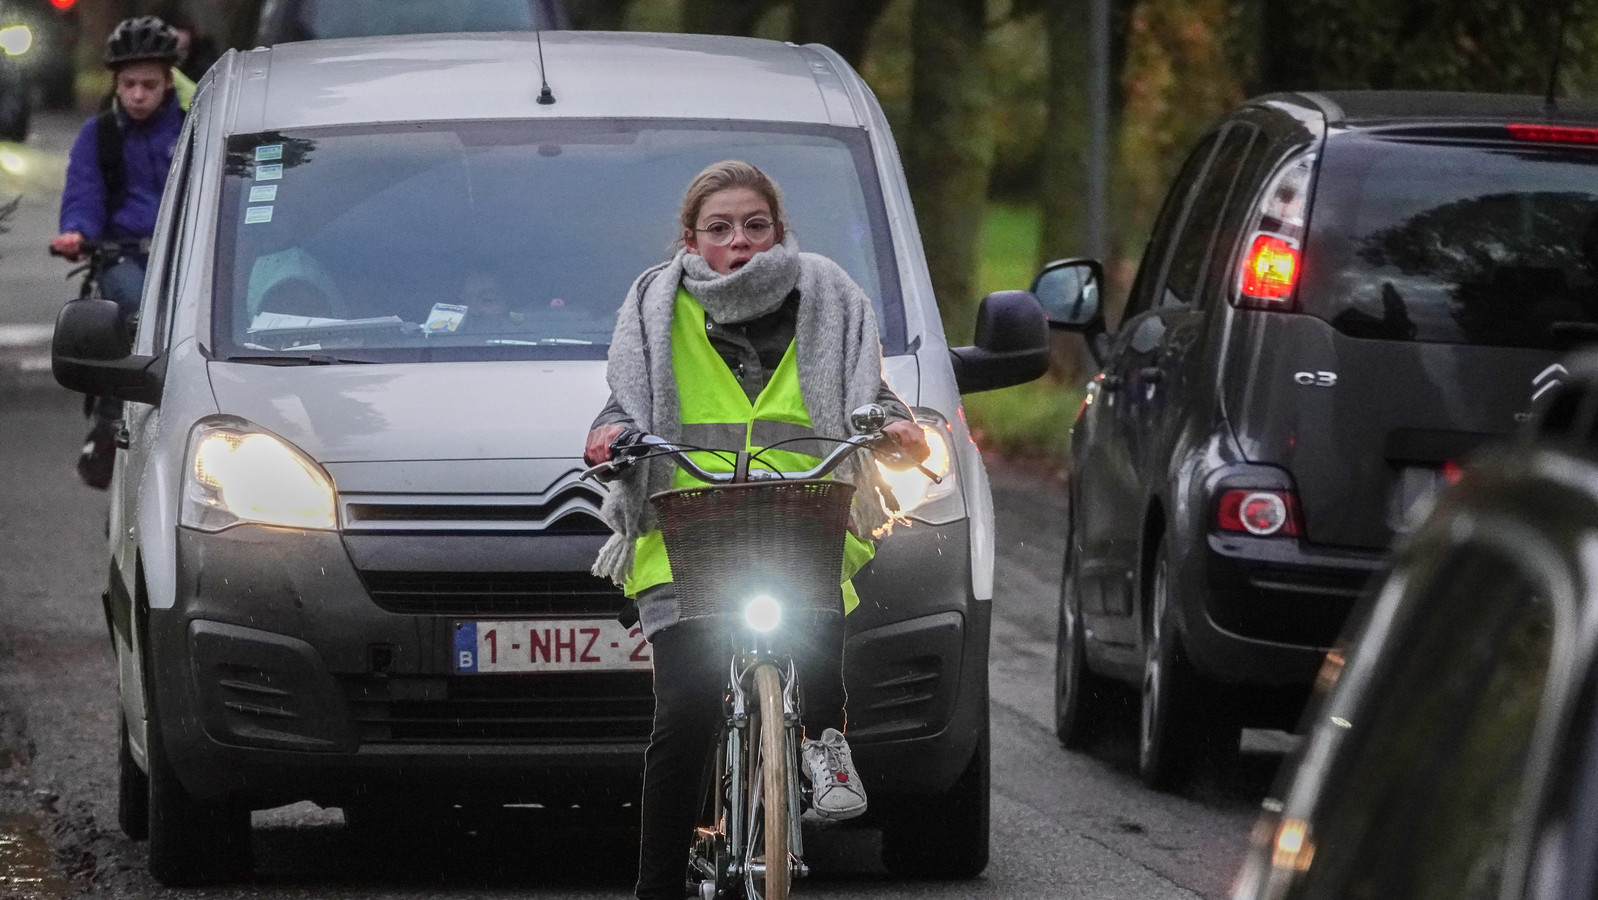 Zoersel investeert in beloningssysteem voor de leerlingen van de basisschool die te voet of met de fiets naar school komen.